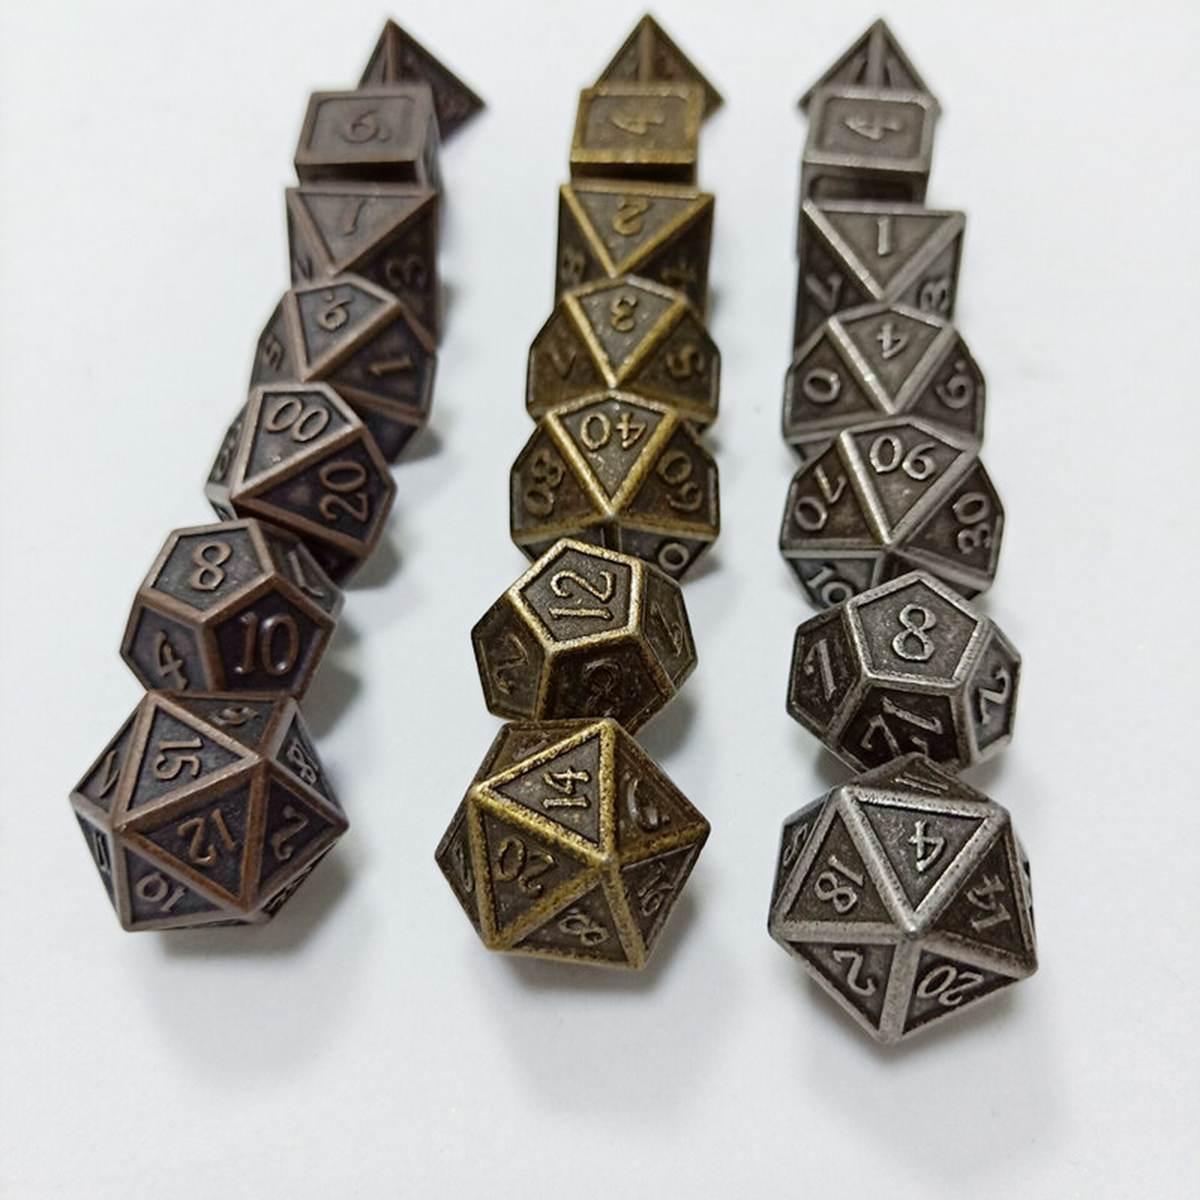 Conjunto de dados poliédricos metálicos pesados en relieve 7 Uds para juegos de mesa RPG Dungeons and Dragons DND RPG MTG D20 D12 D10 D8 D6 D4